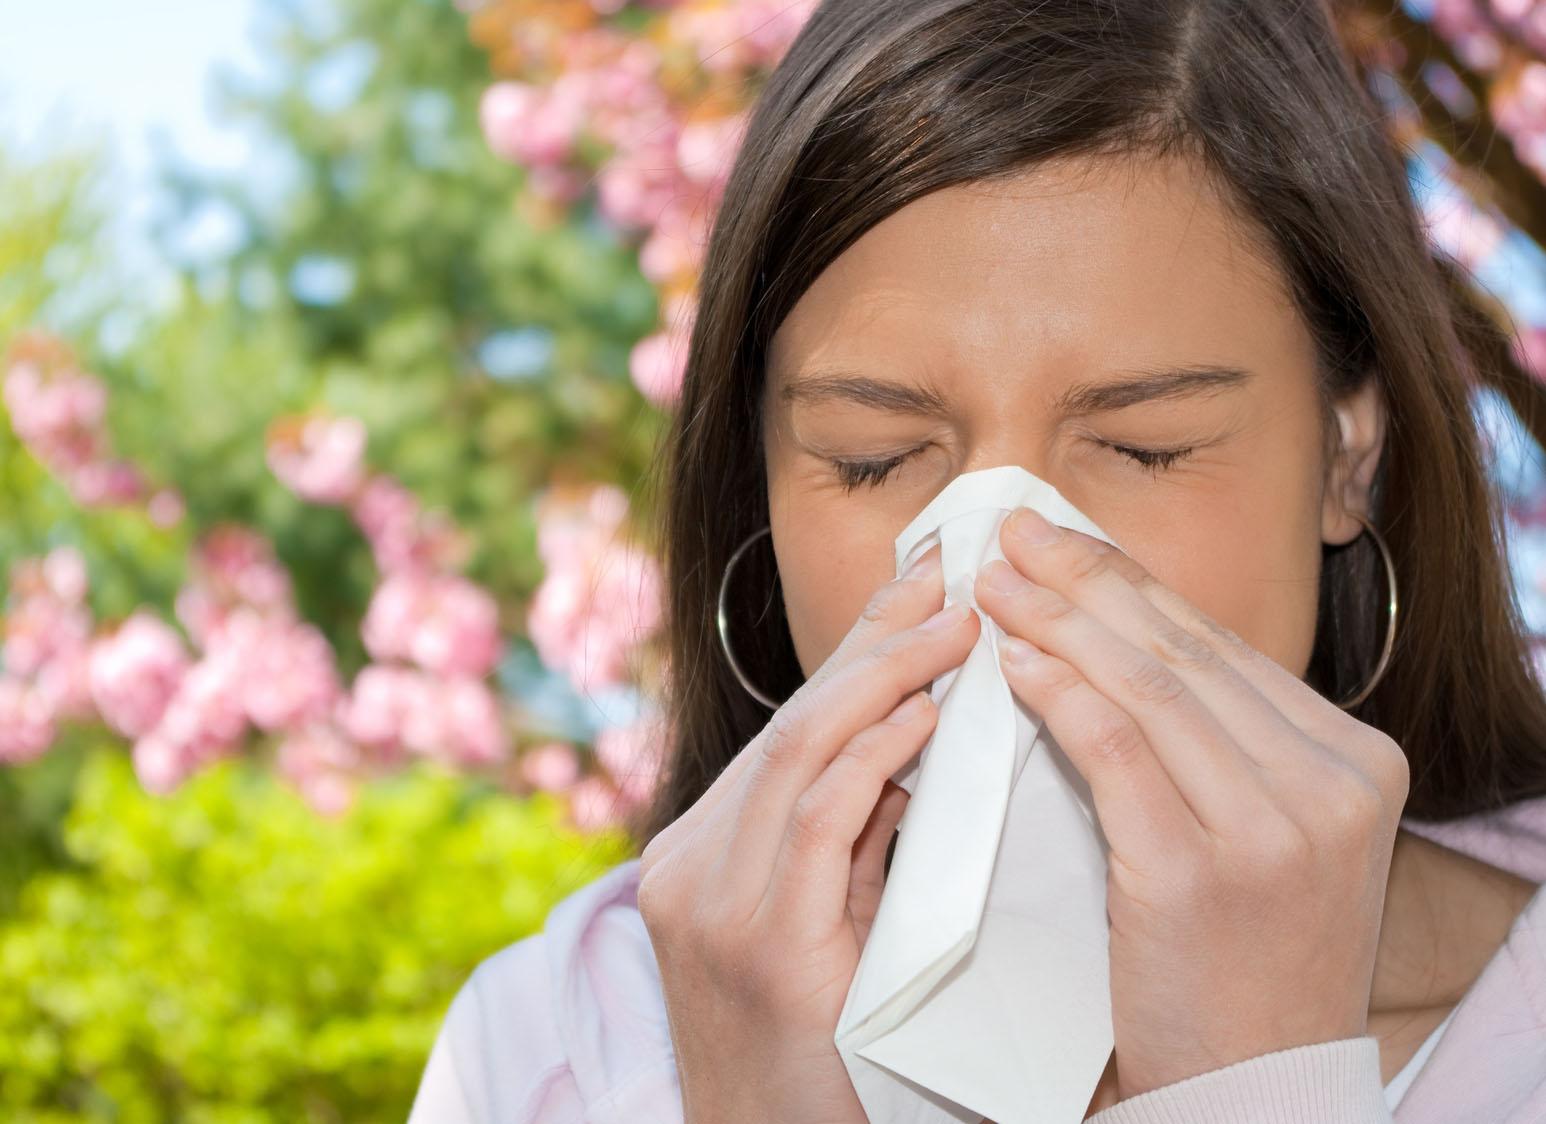 Omeopatia e allergie di stagione